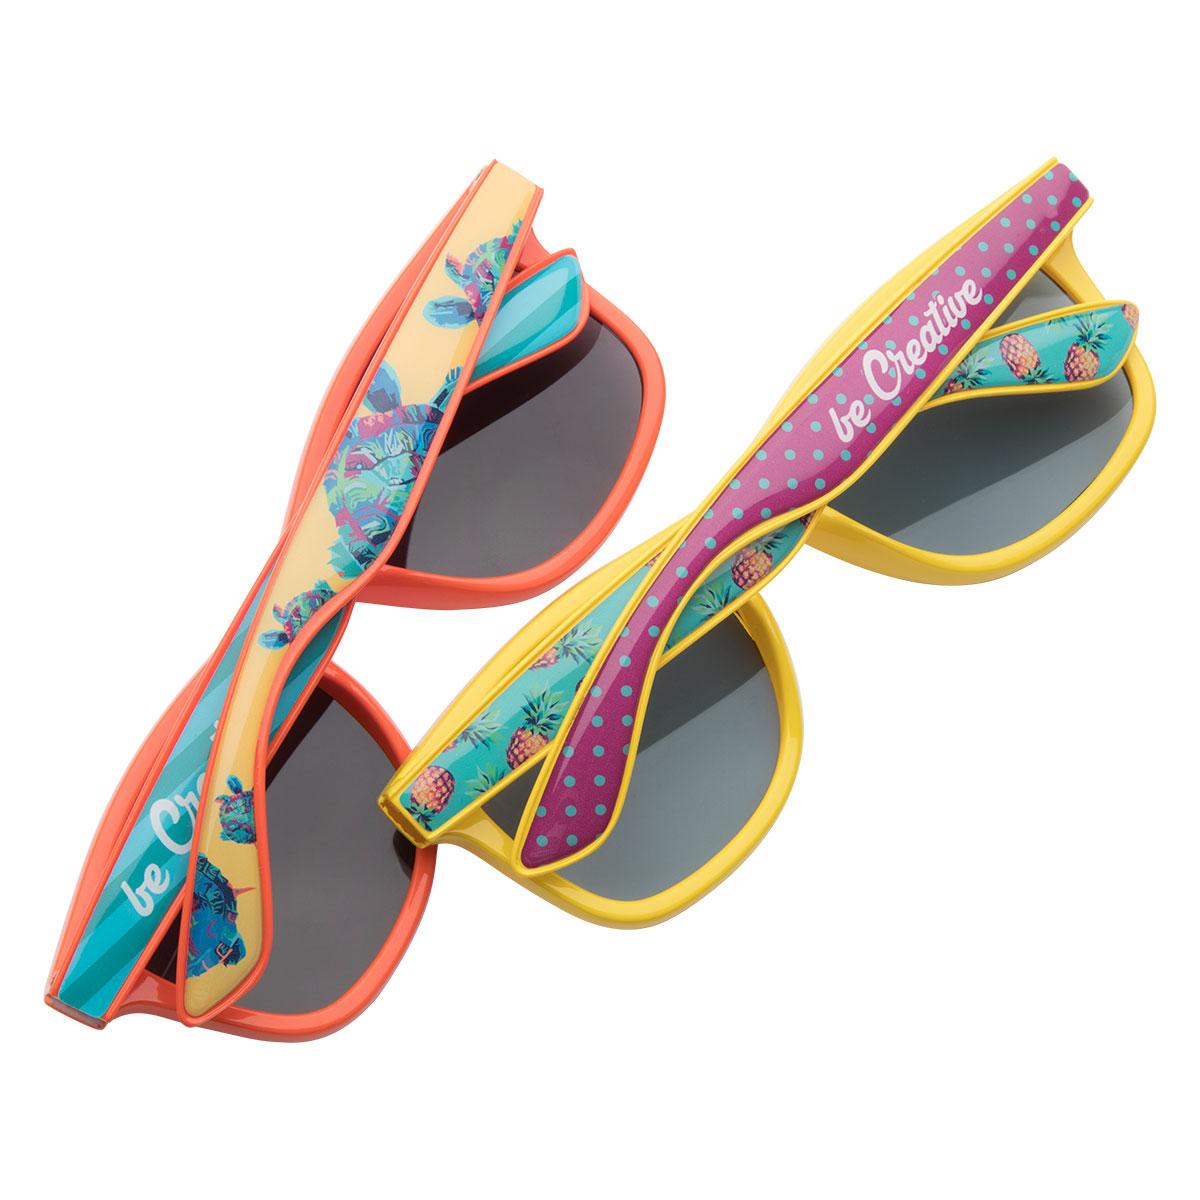 Afbeelding van 100 st. Bedrukte Zonnebril Full colour pootjes (doming) bedrukken zonnebrillen bedrukken In 10 werkdagen